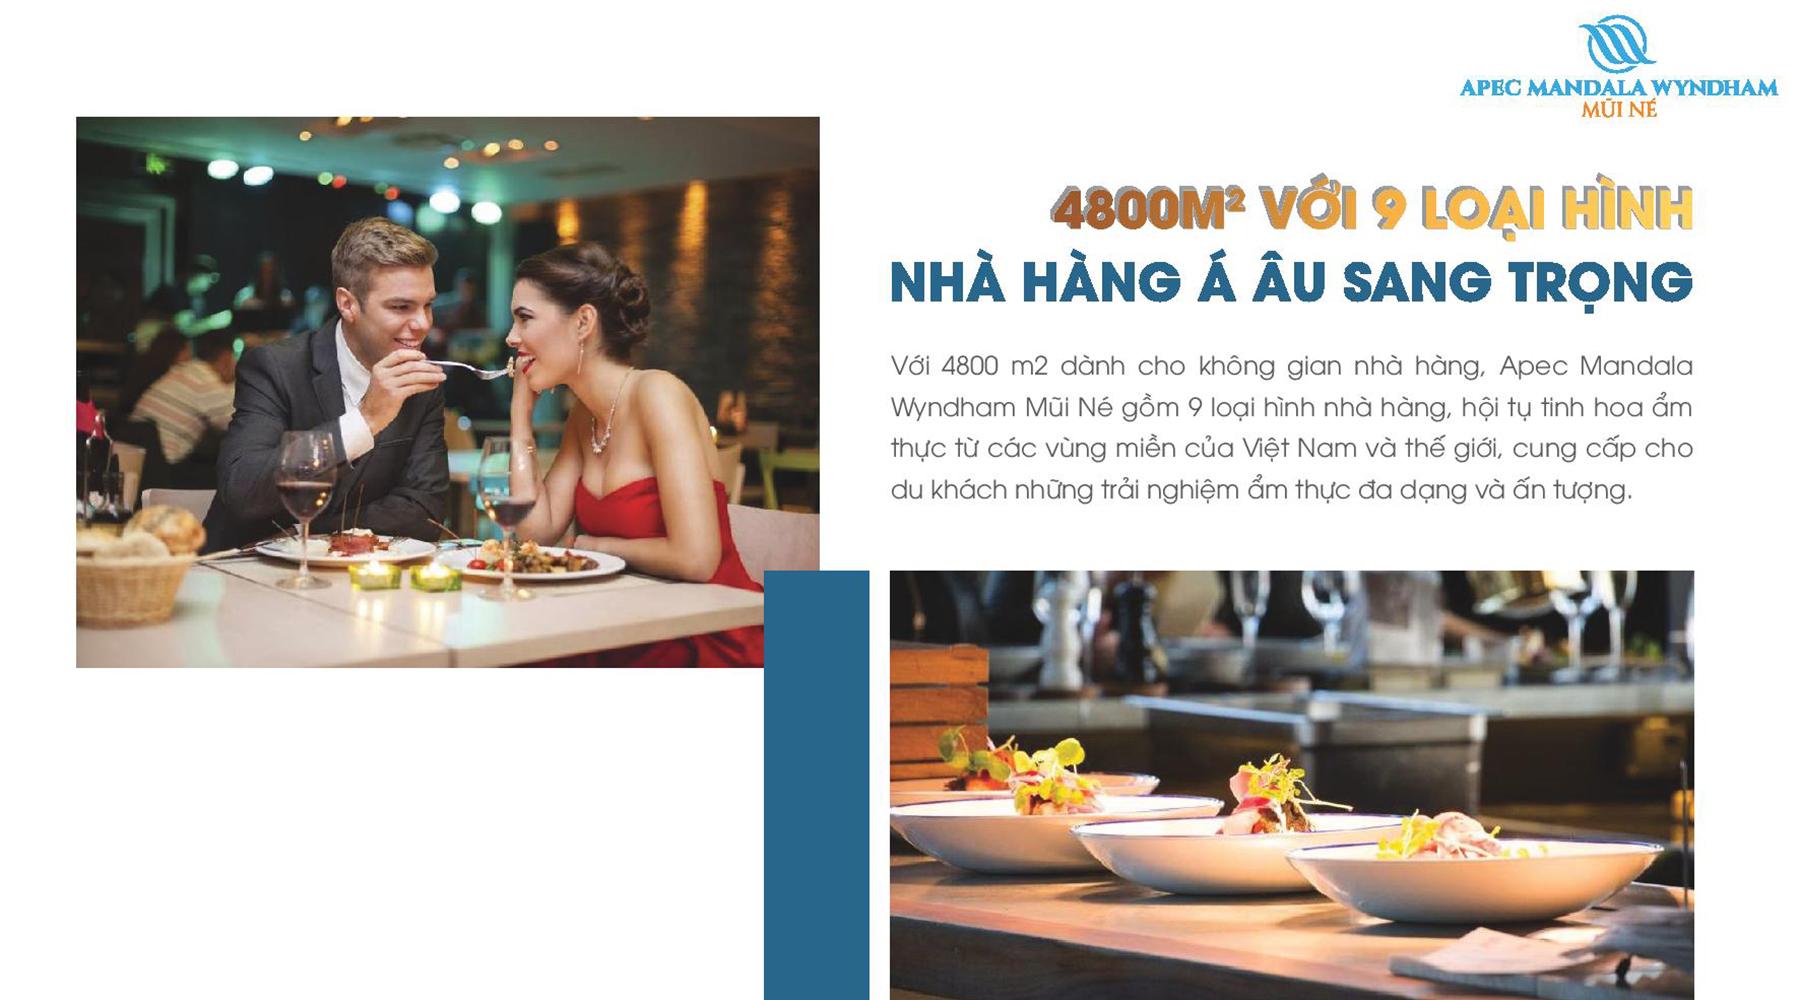 Tiện ích dự án Apec Mandala Wyndham Mũi Né 4000m2 nhà hàng Á Âu